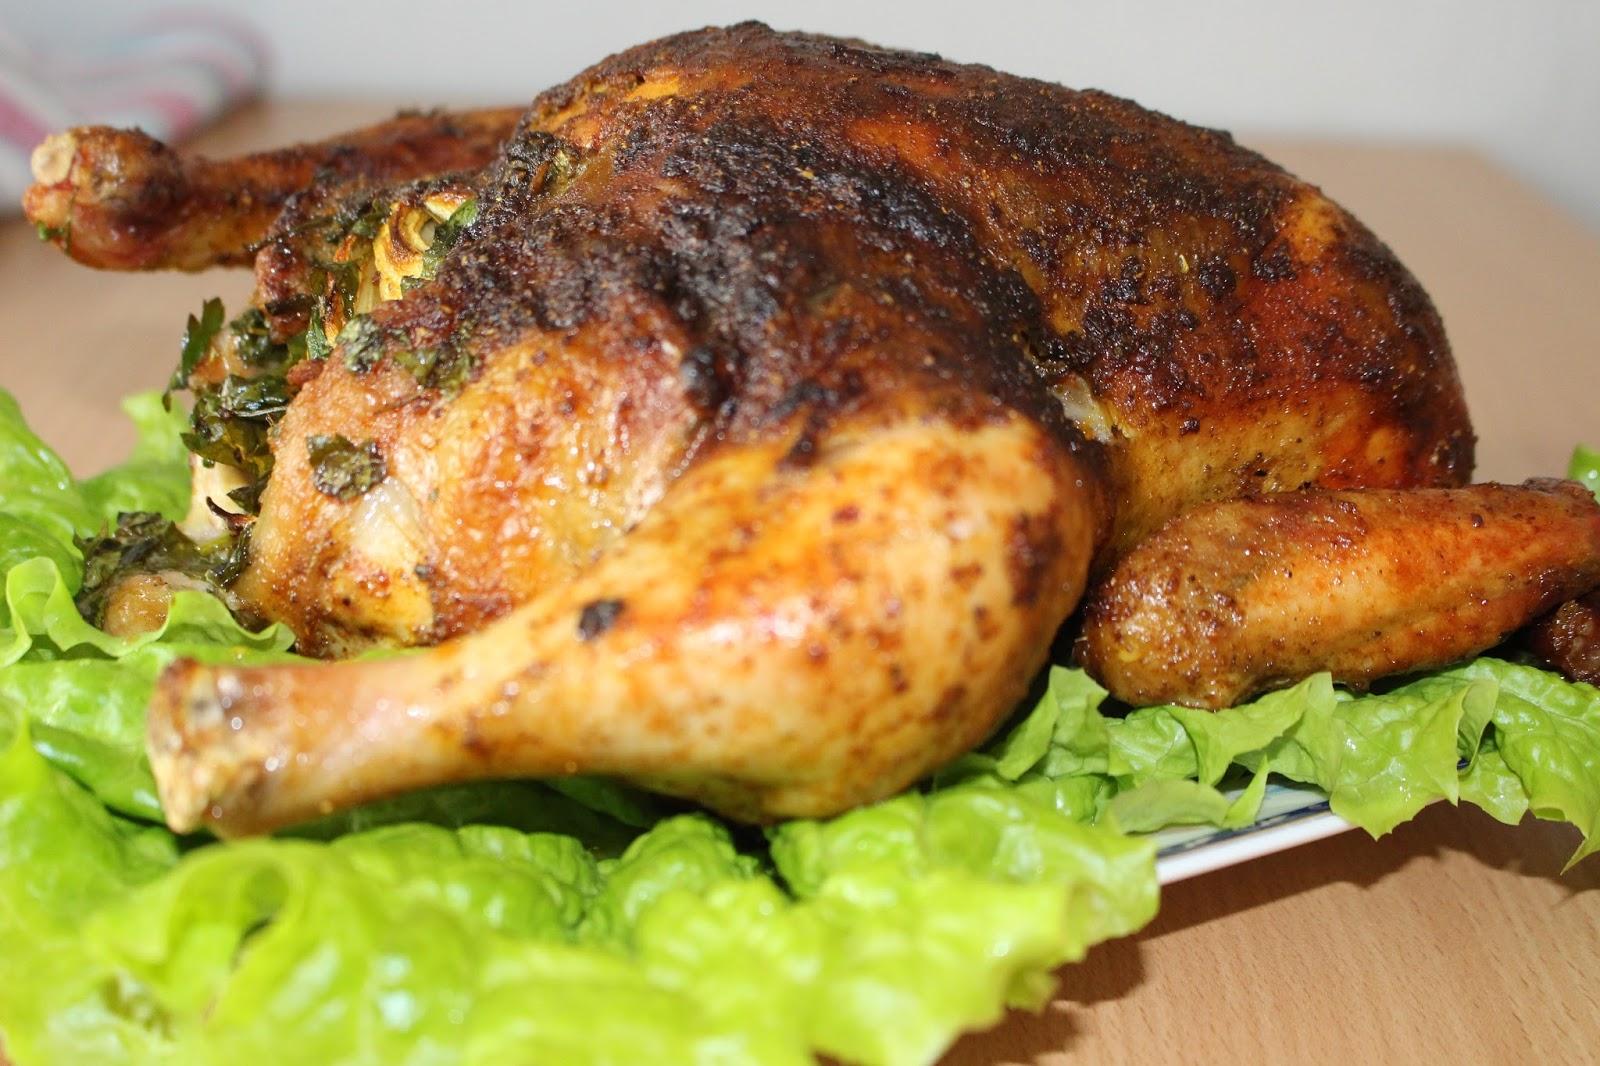 Na Moim Stole Chrupiacy Pieczony Kurczak W Calosci